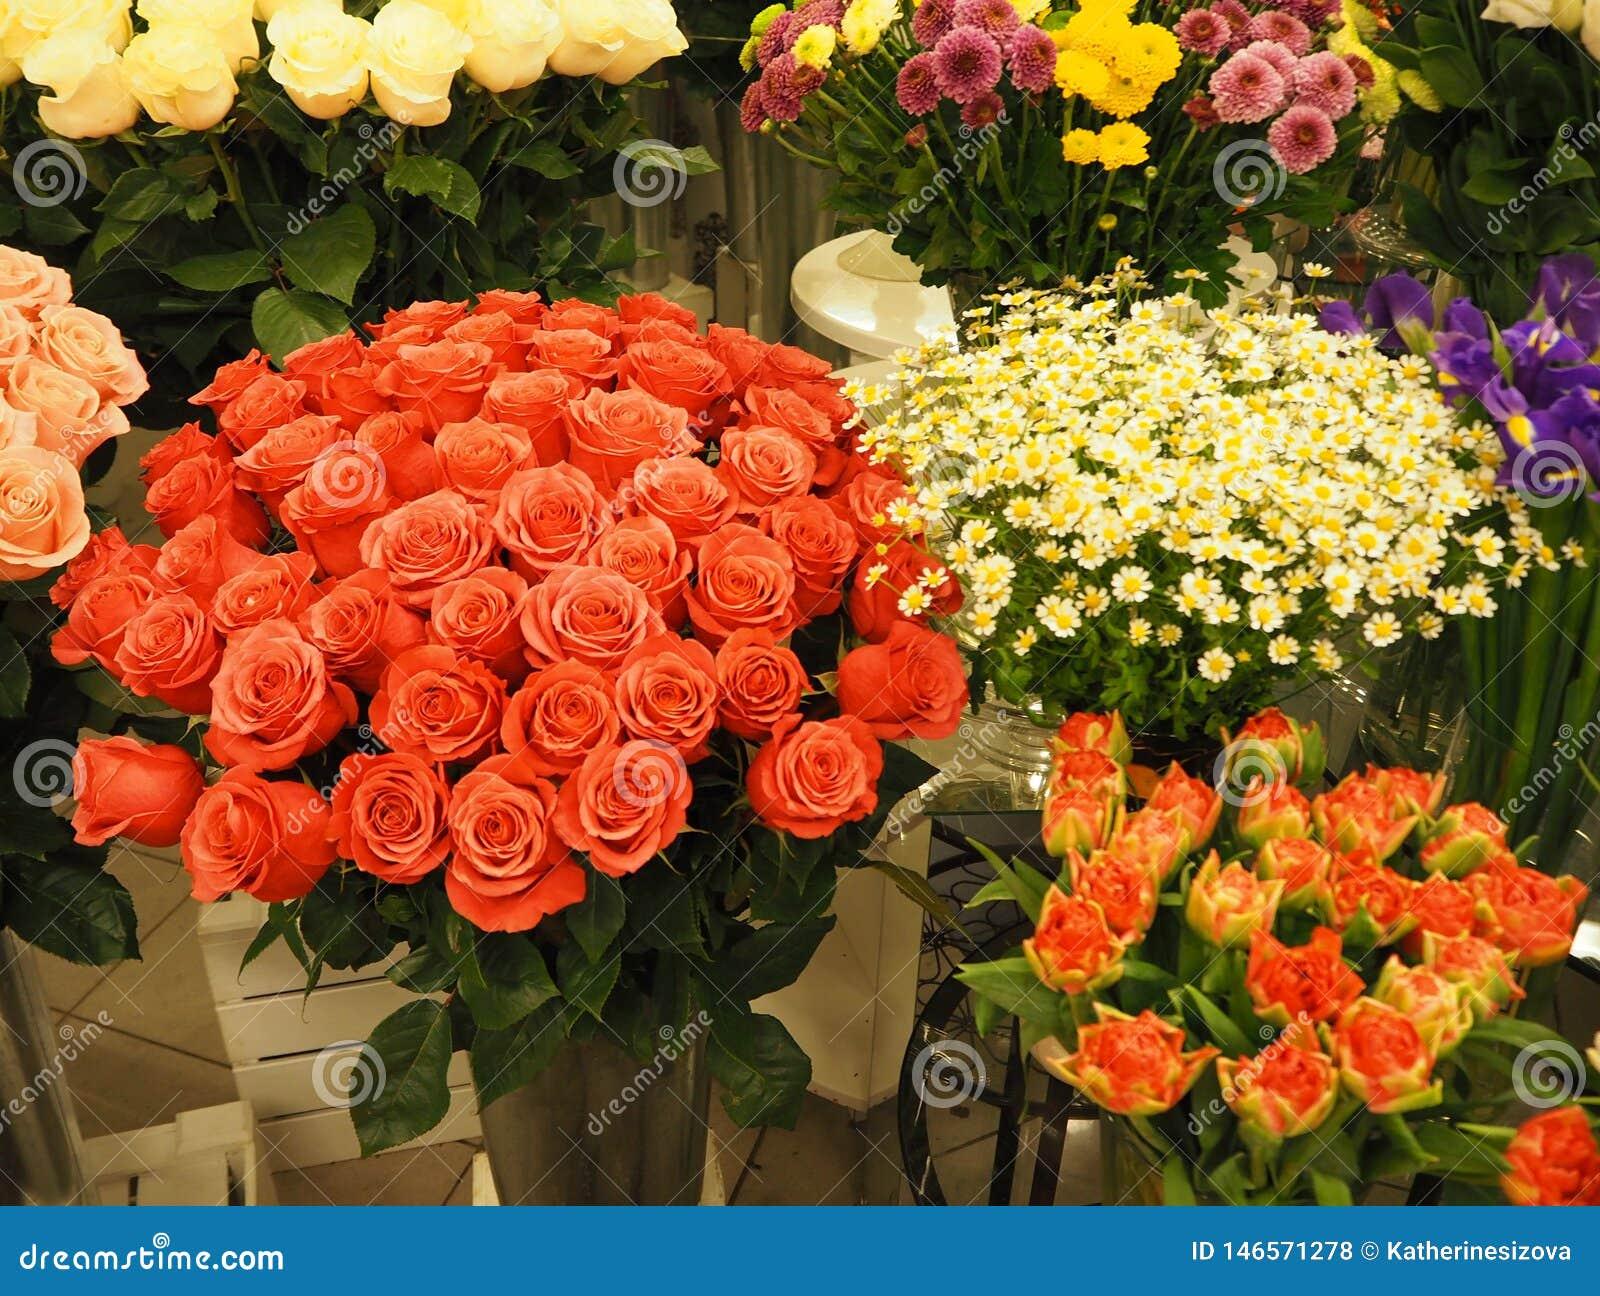 Verschiedene Blumensträuße von schönen Blumen im Gewächshaus